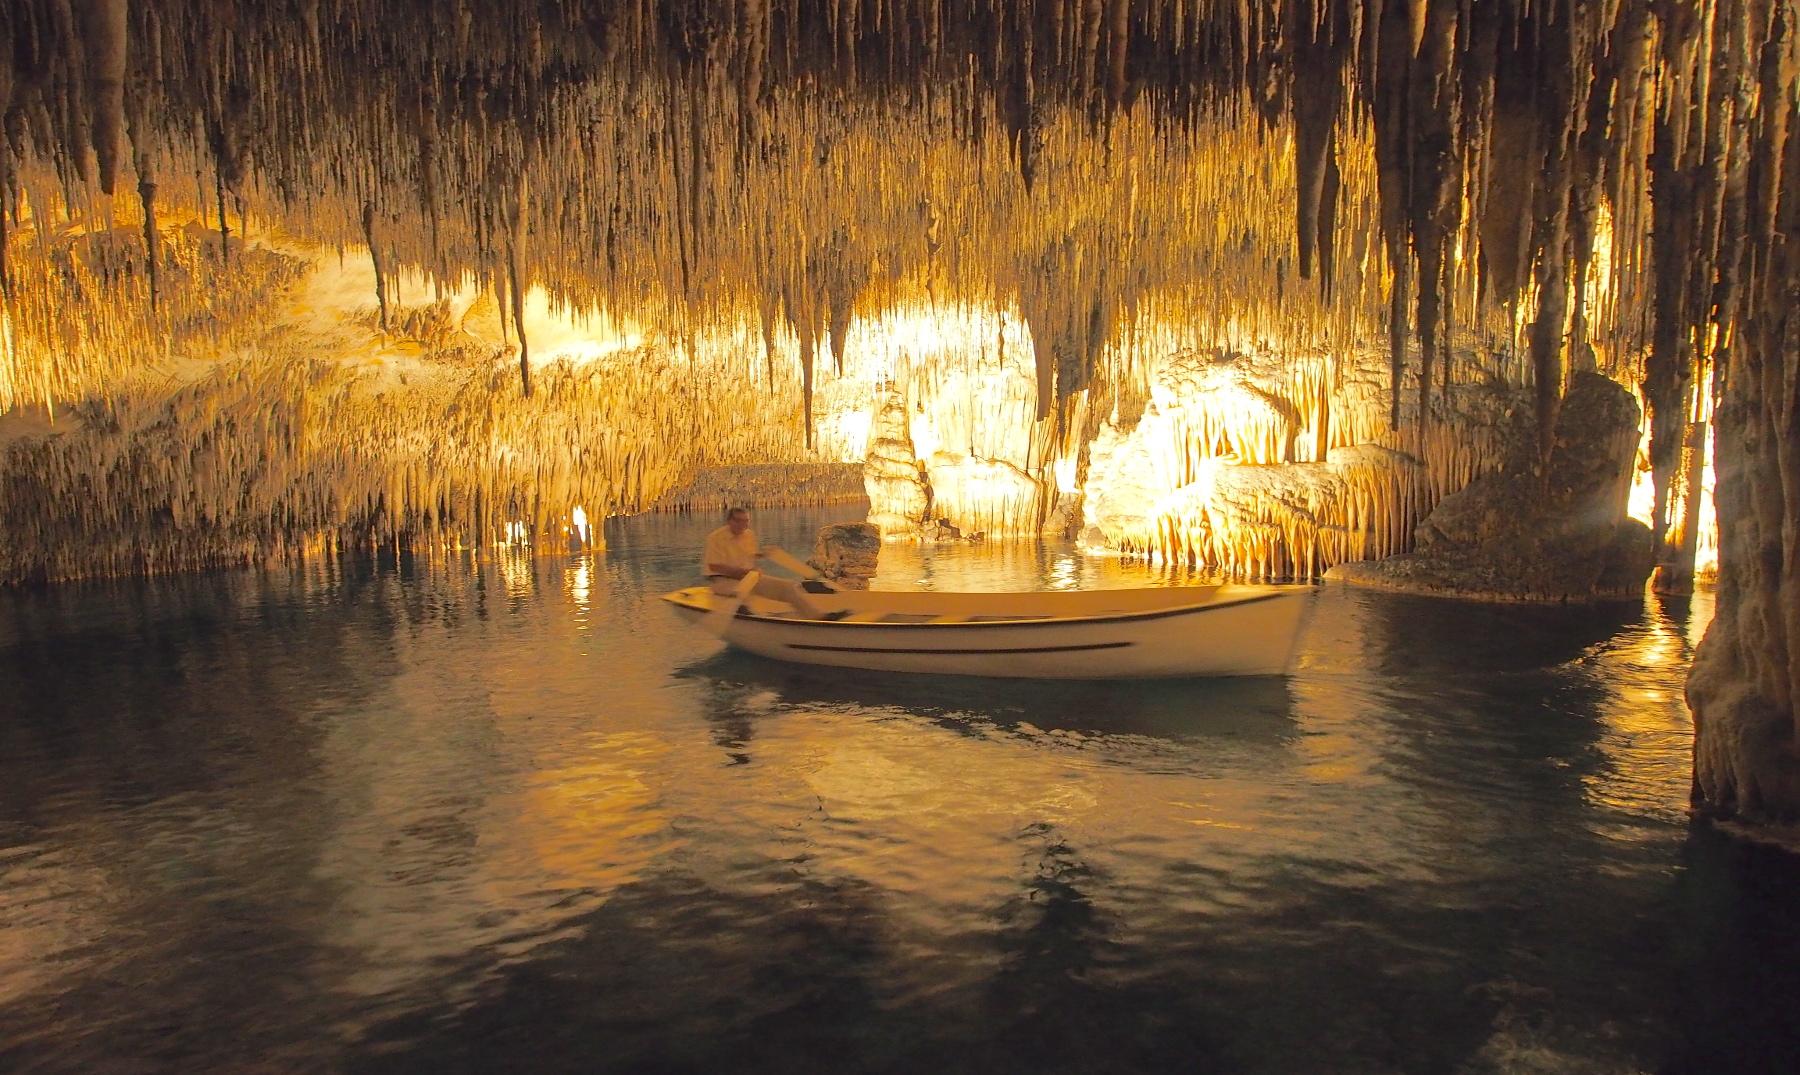 Las cuevas del drach en palma de mallorca el viajero feliz - En palma de mallorca ...